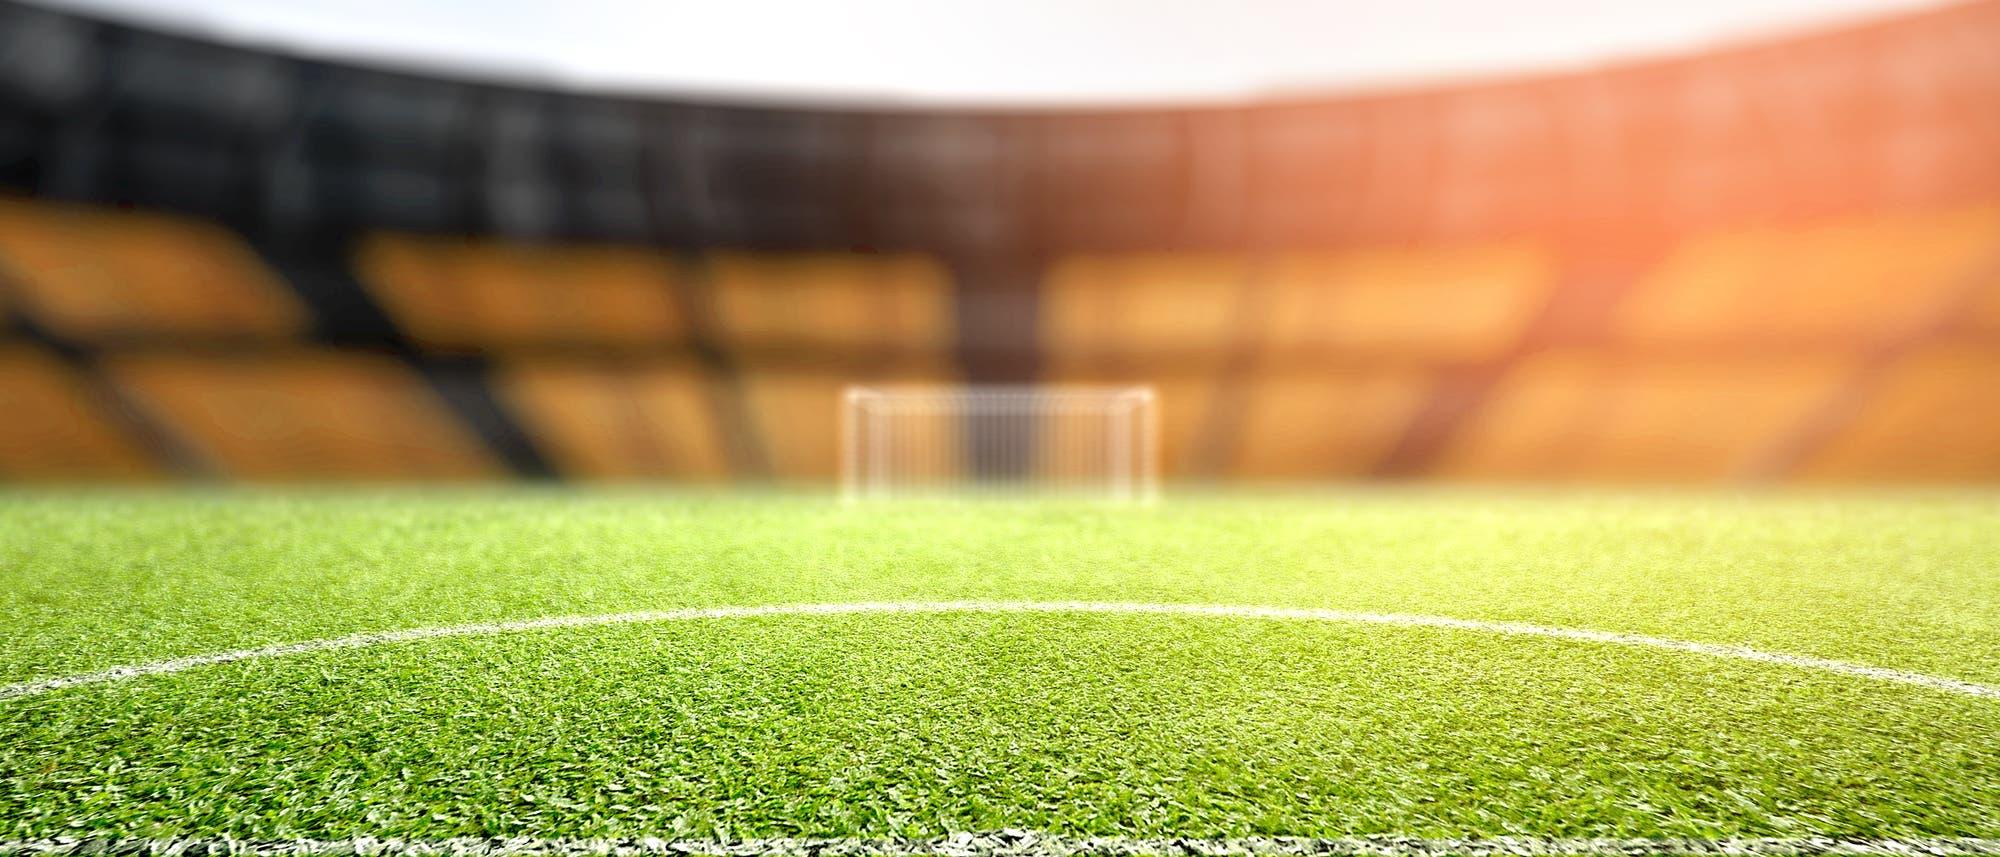 Ein Fußballfeld, kleiner als das Saarland